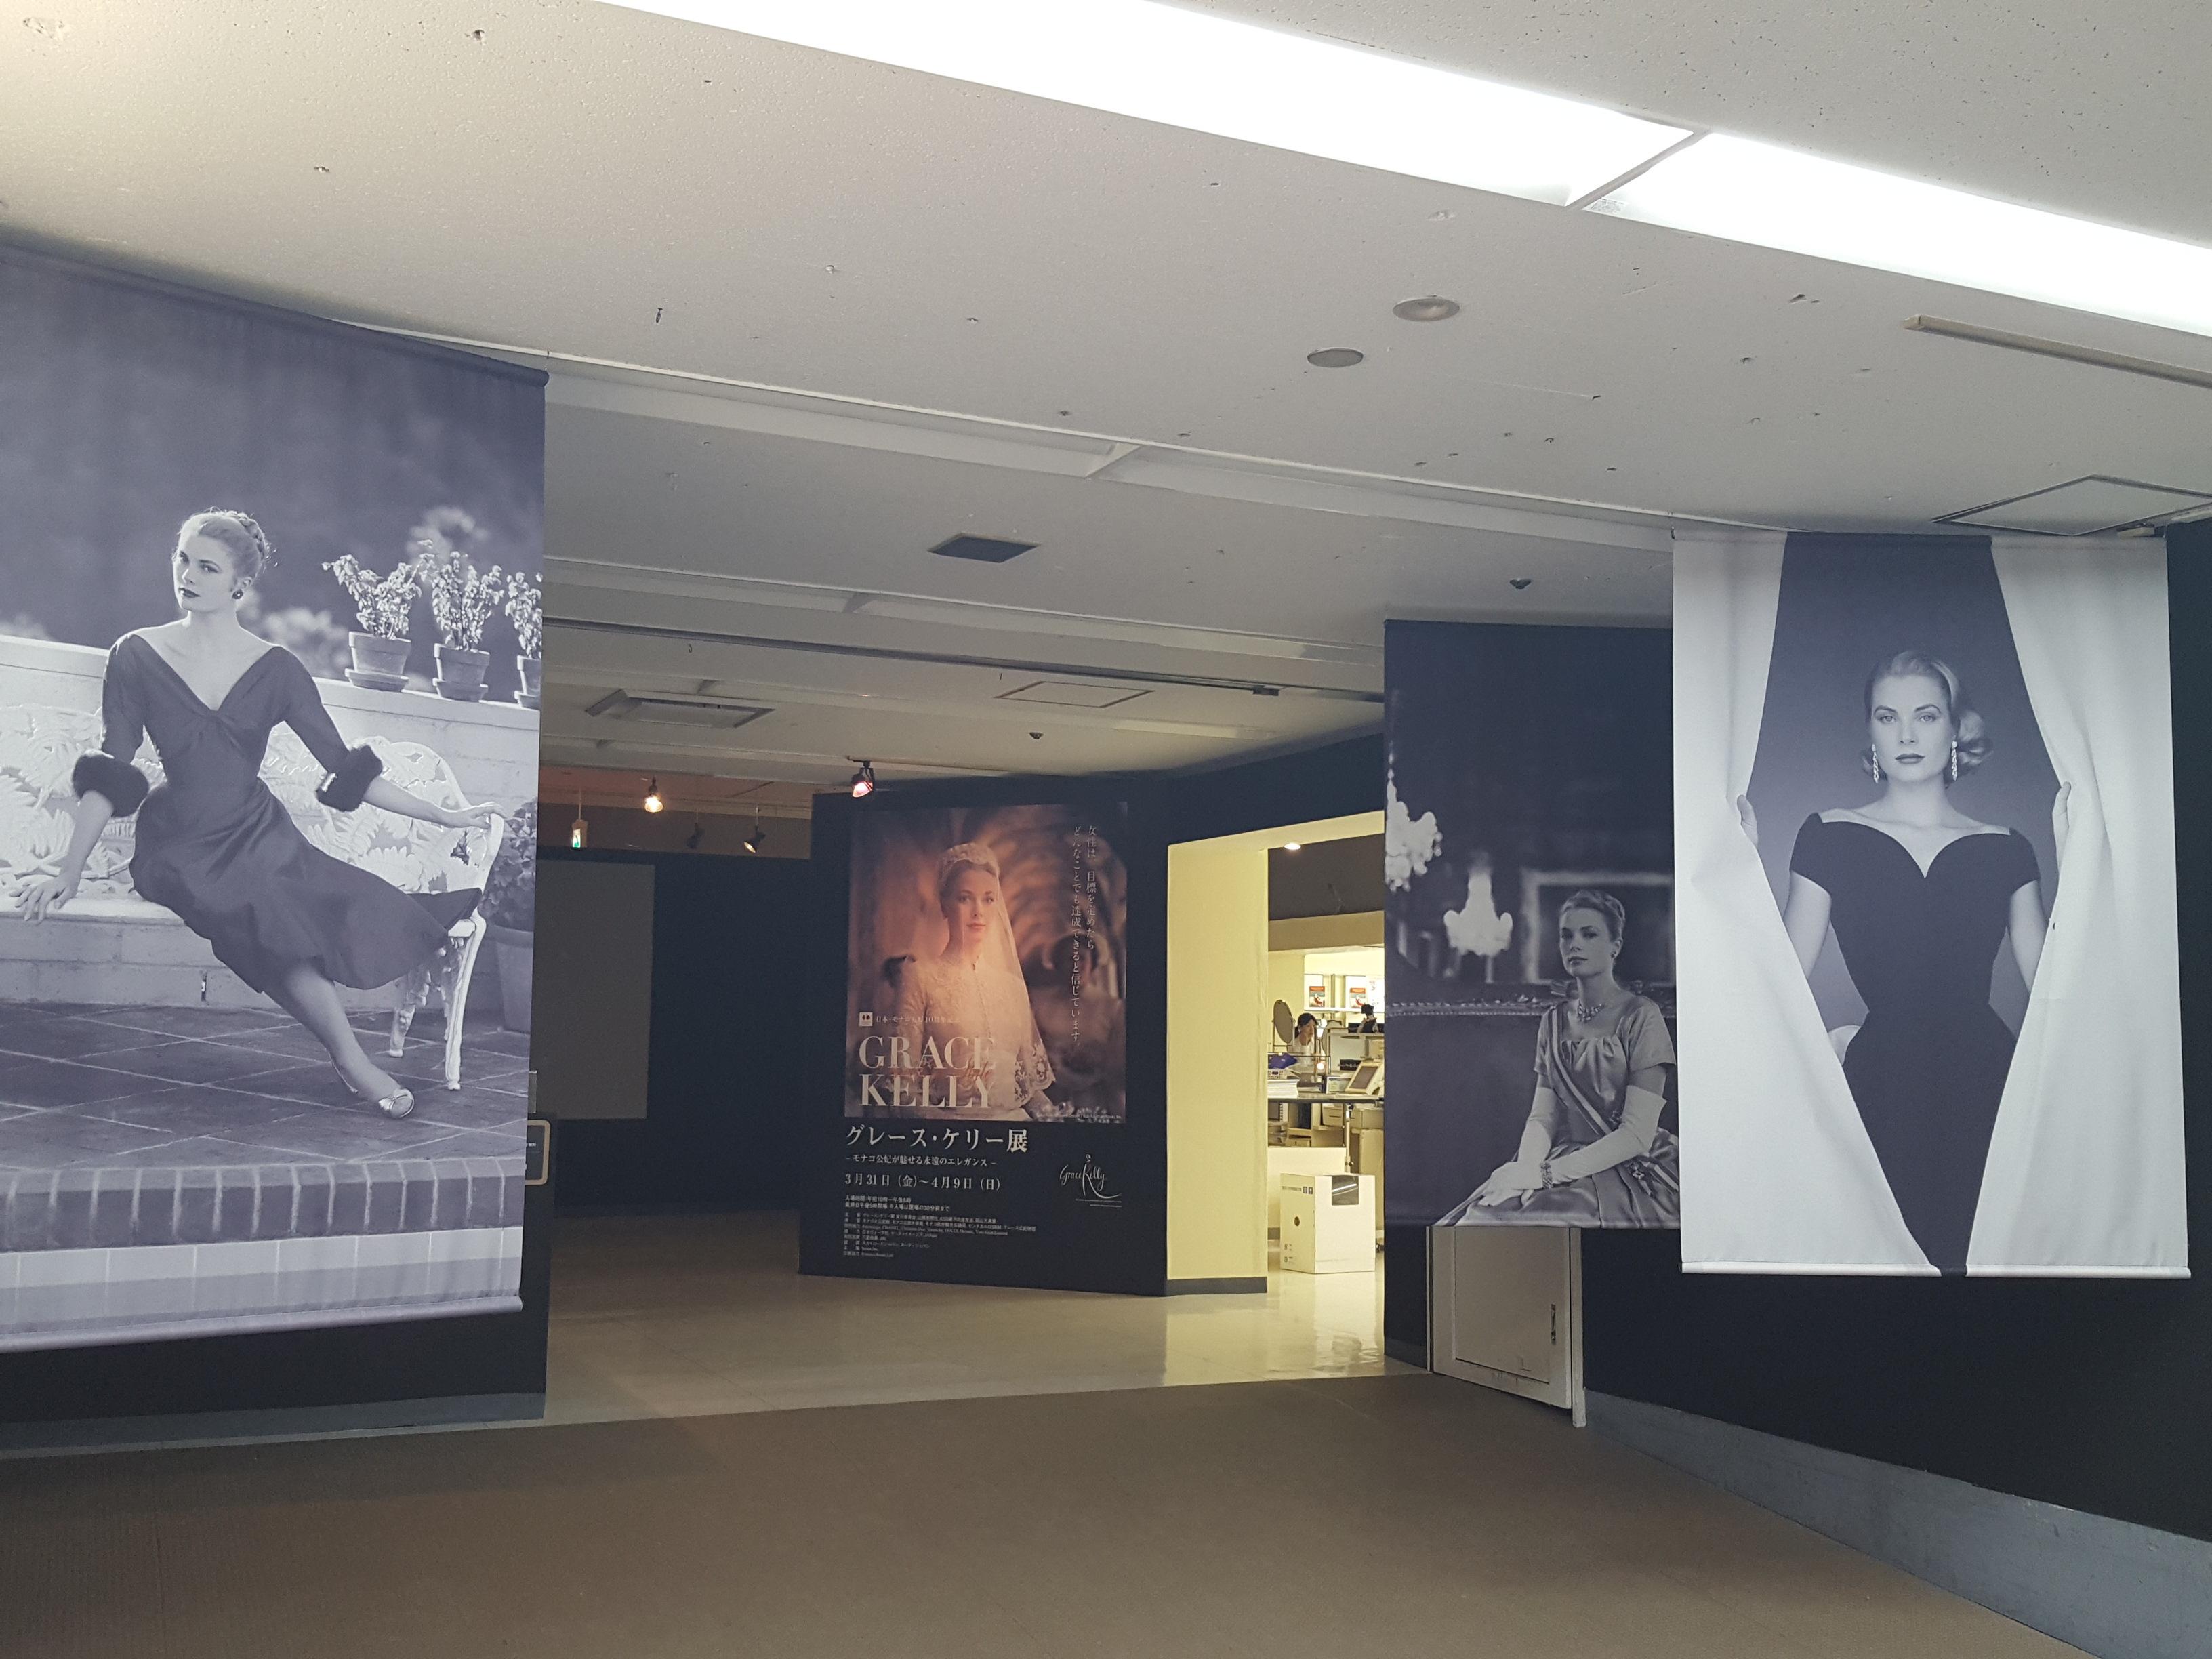 d34ae787e1986 グレースがお迎えする会場入口. 岡山天満屋で『グレース・ケリー展』が開幕!日本初 ...